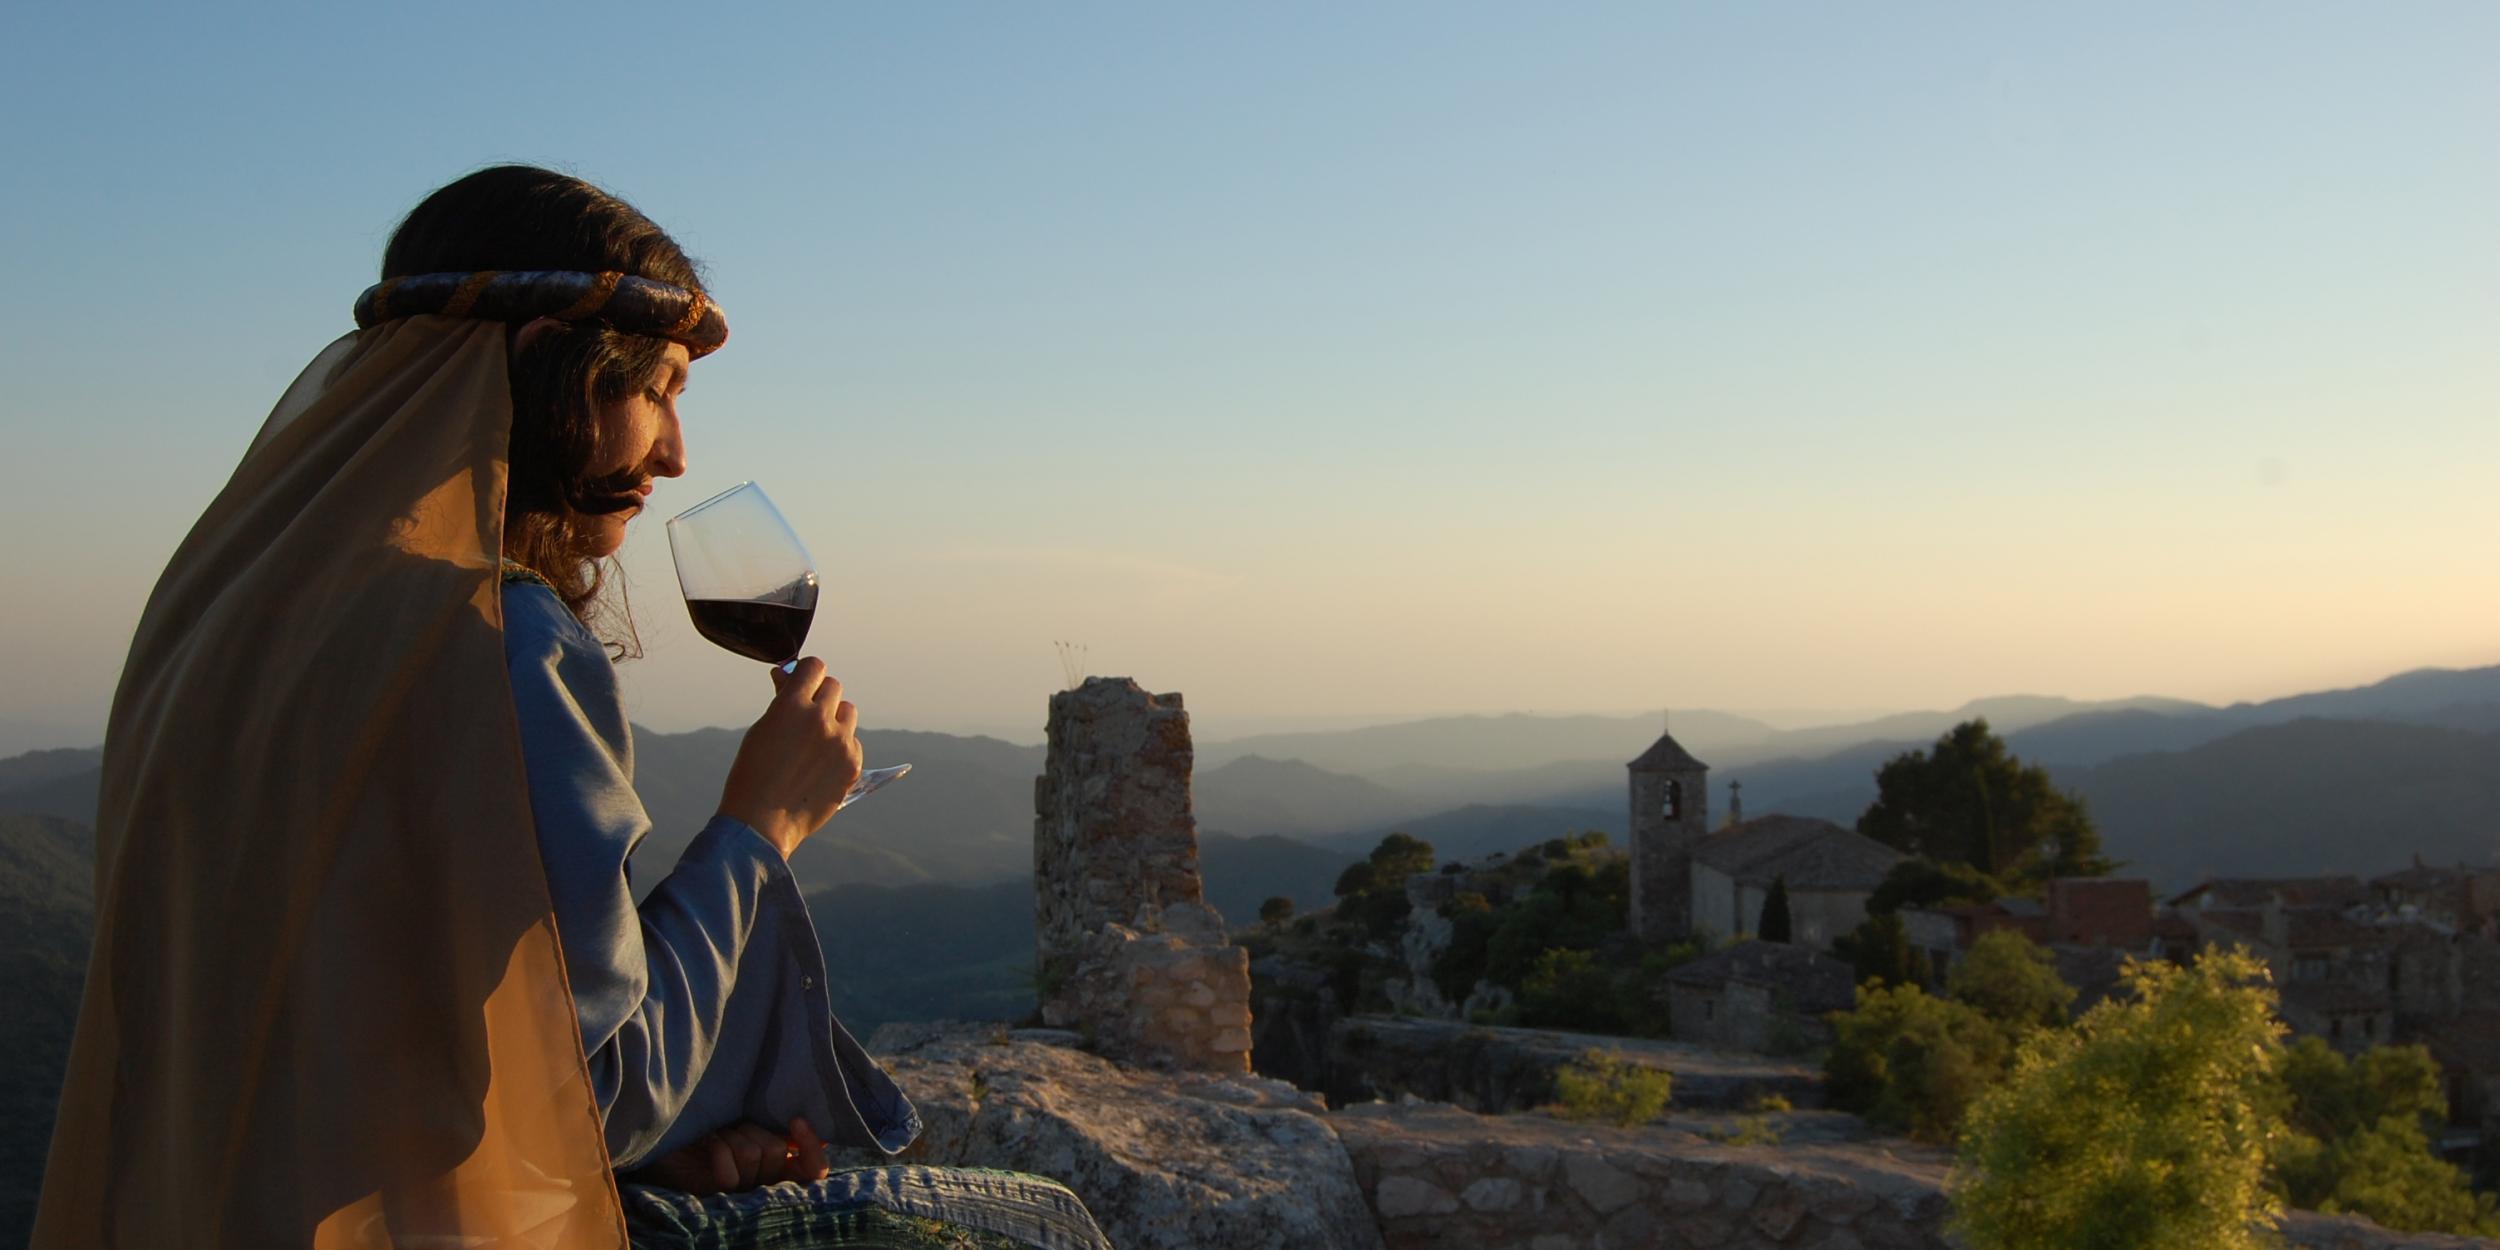 Activitat d'estiu a Siurana: música, vins i llegendes a la posta de sol